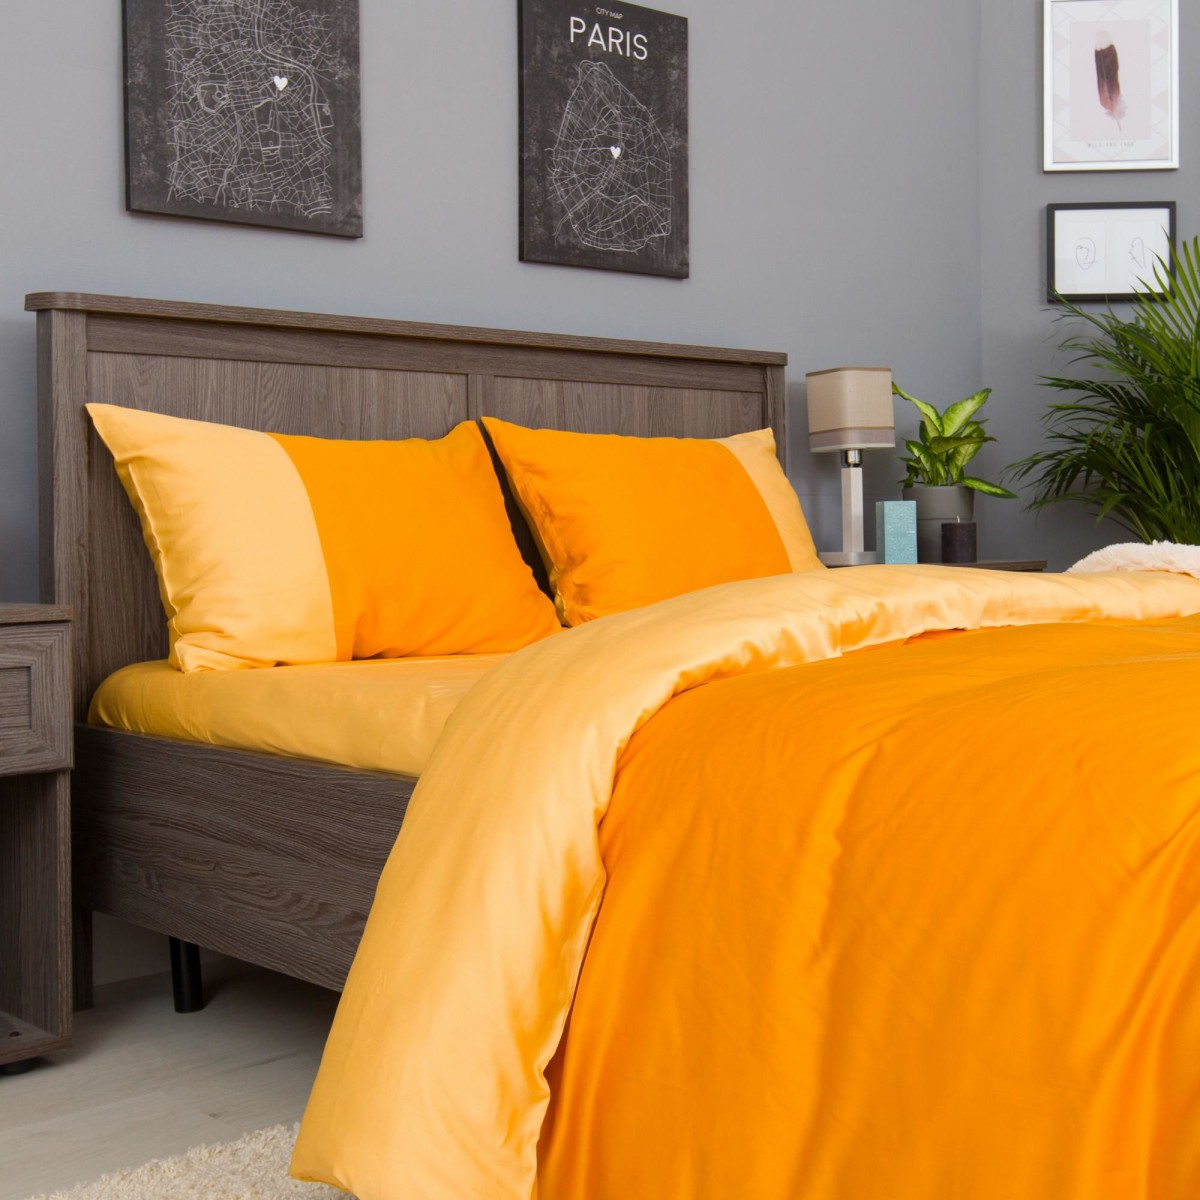 Комплект Постельного Белья Orange Fresh Полутораспальный Сатин